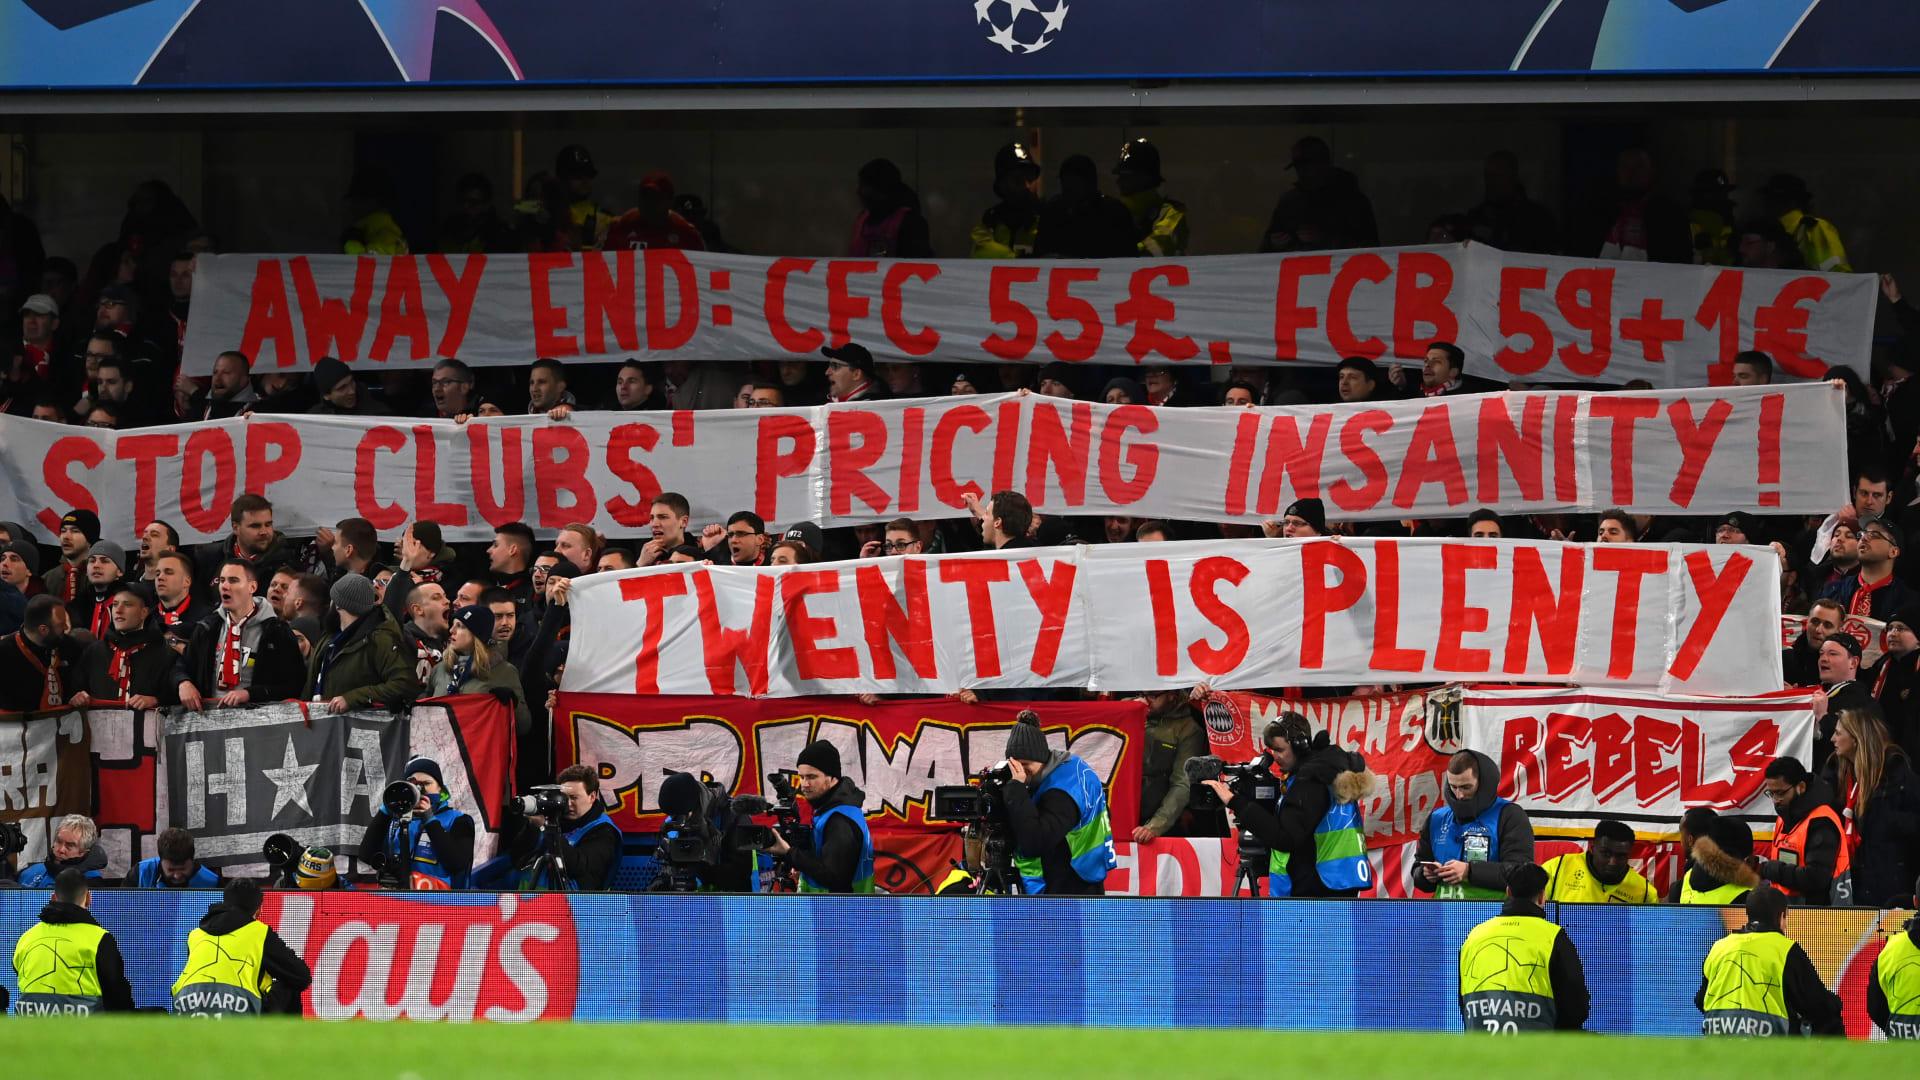 مشجعو بايرن ميونيخ يحتجون على أسعار تذاكر دوري أبطال أوروبا خلال لقاء تشيلسي